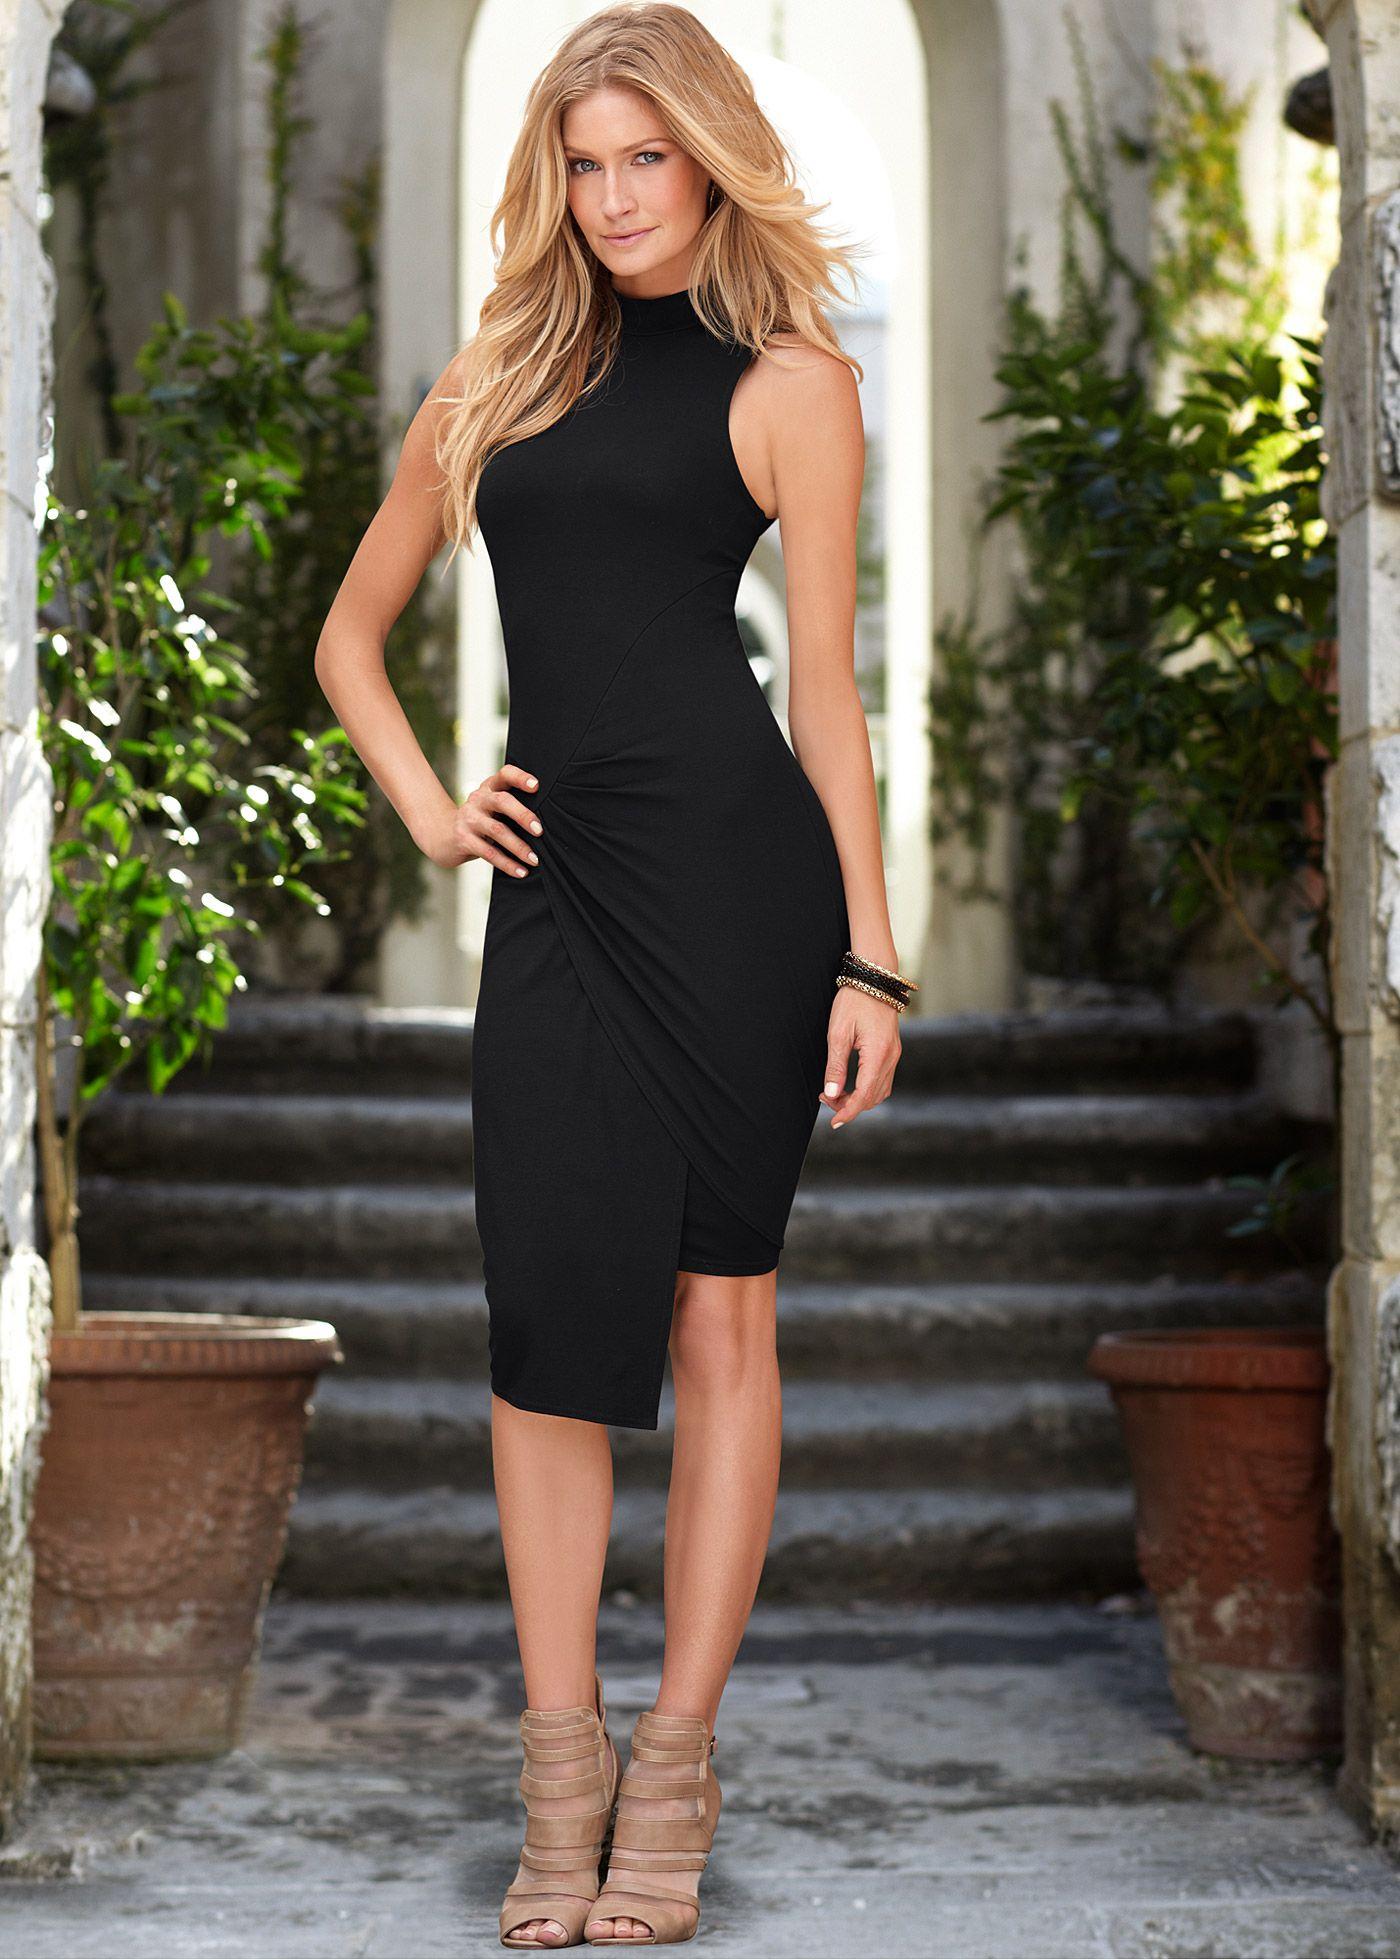 566b0d796 Vestido preto encomendar agora na loja on-line bonprix.de R$ 129,00 a  partir de Vestido sem mangas, possui elastano na composição para  proporcionar .